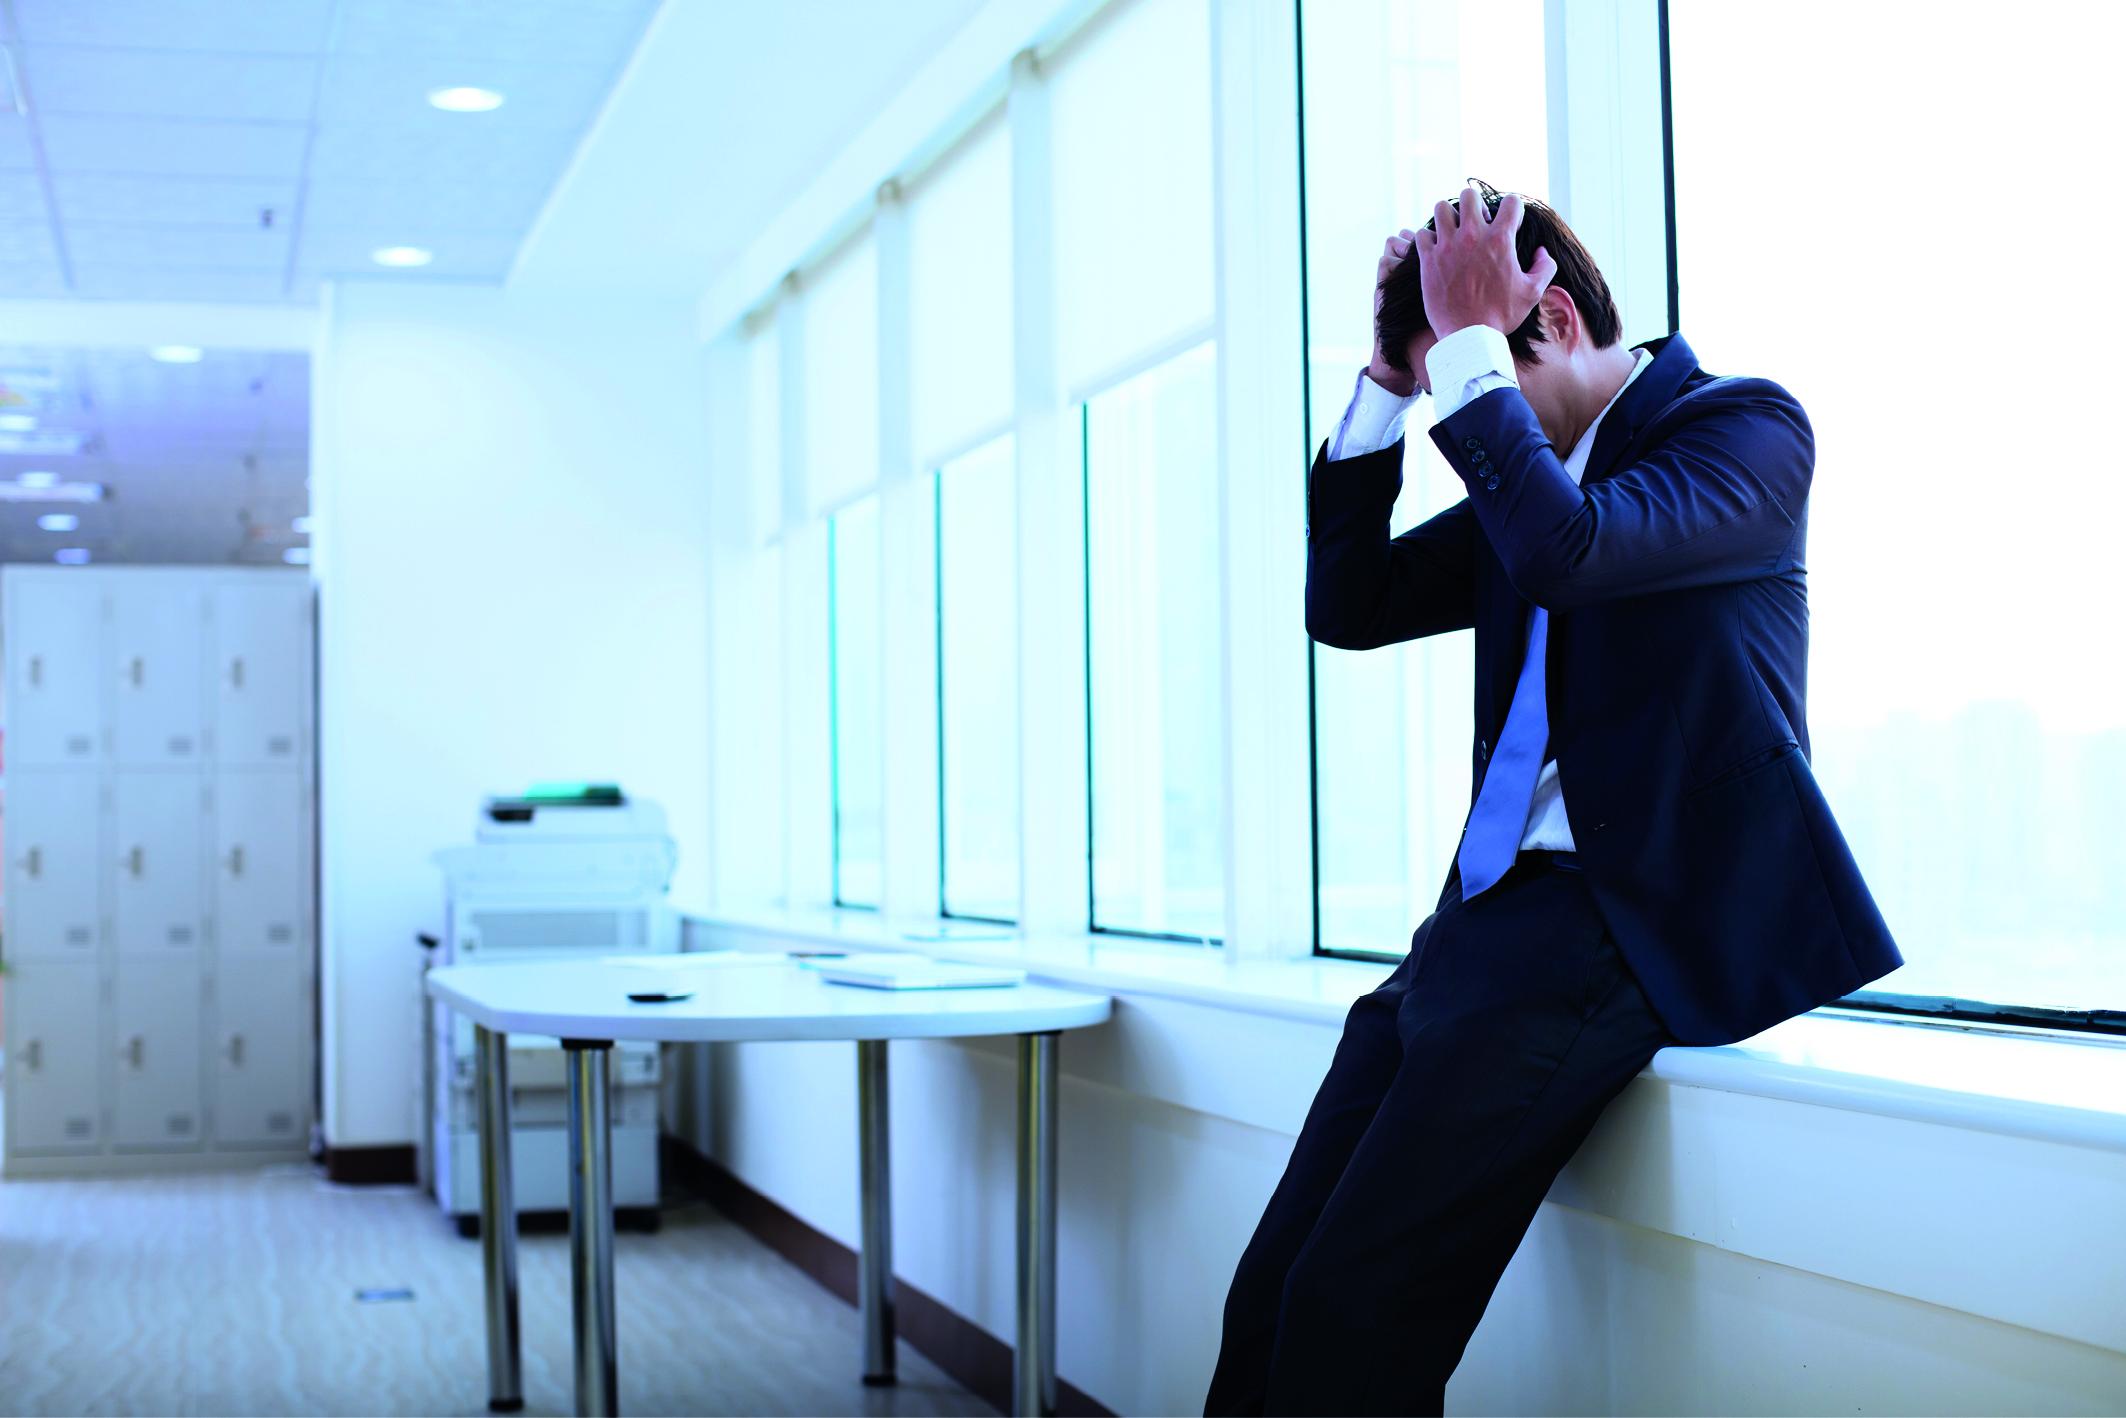 Schwitzen bei Stress: Ein Mann im Anzug schlägt die Hände über dem Kopf zusammen und ist gestresst